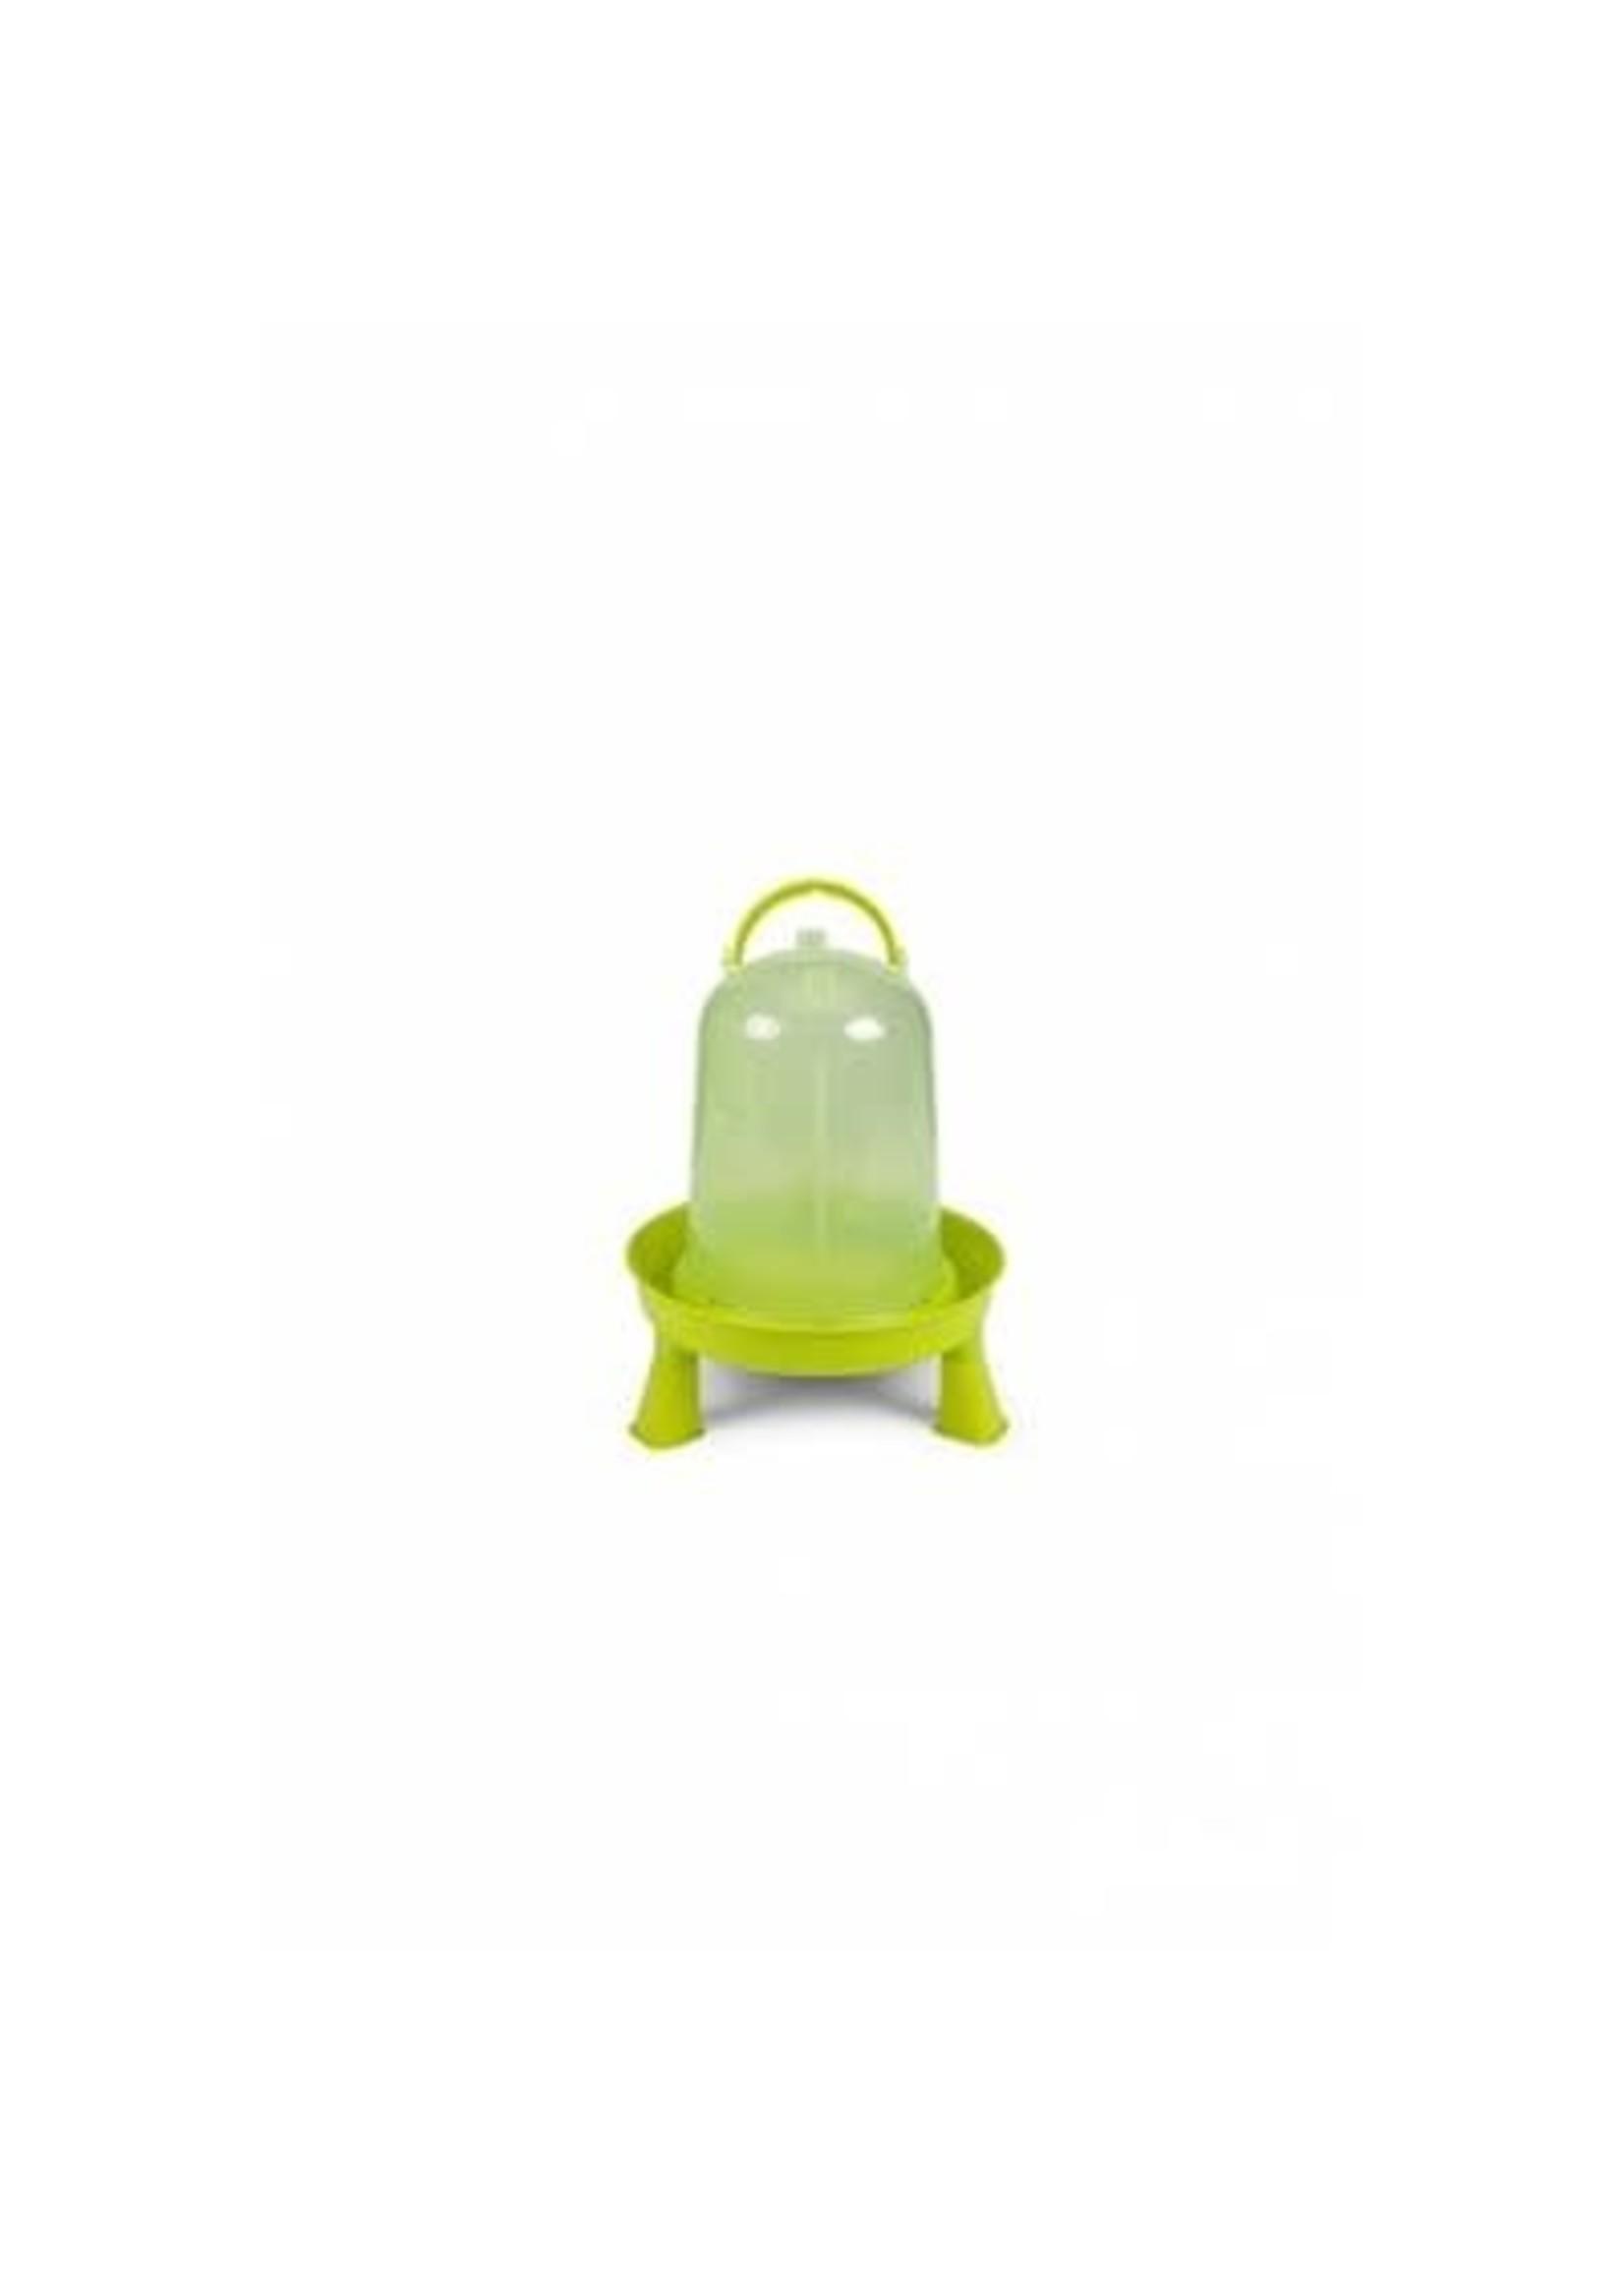 Gaun Abreuvoir volailles eco 5 L vert avec pied